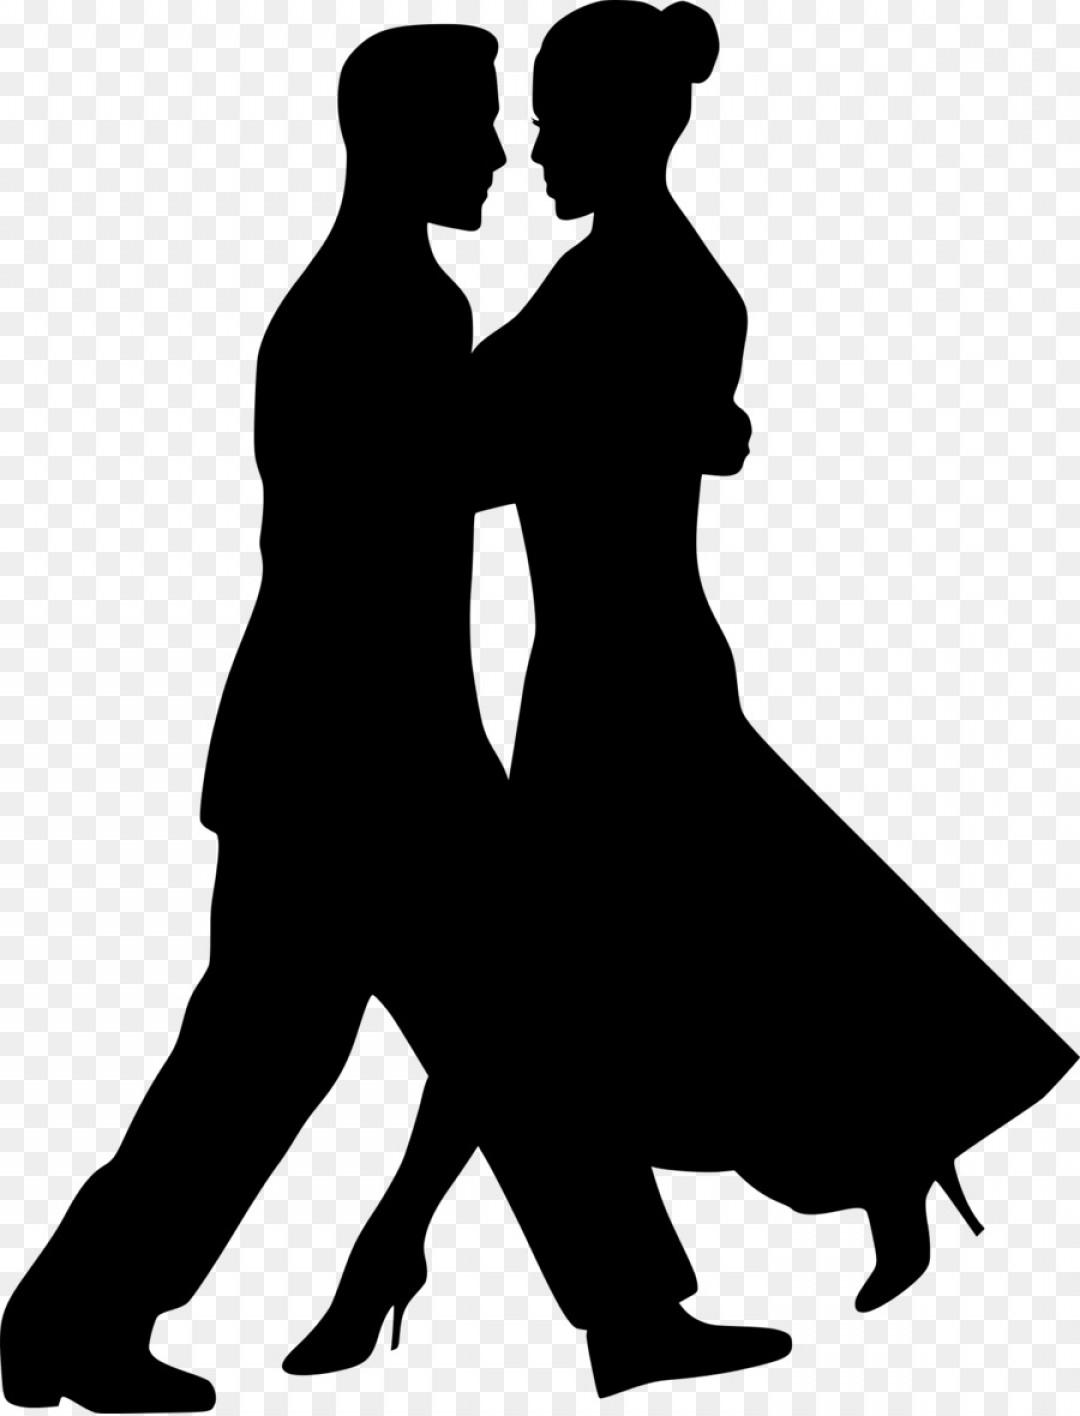 Clipart dance couple dance. Png clip art couples